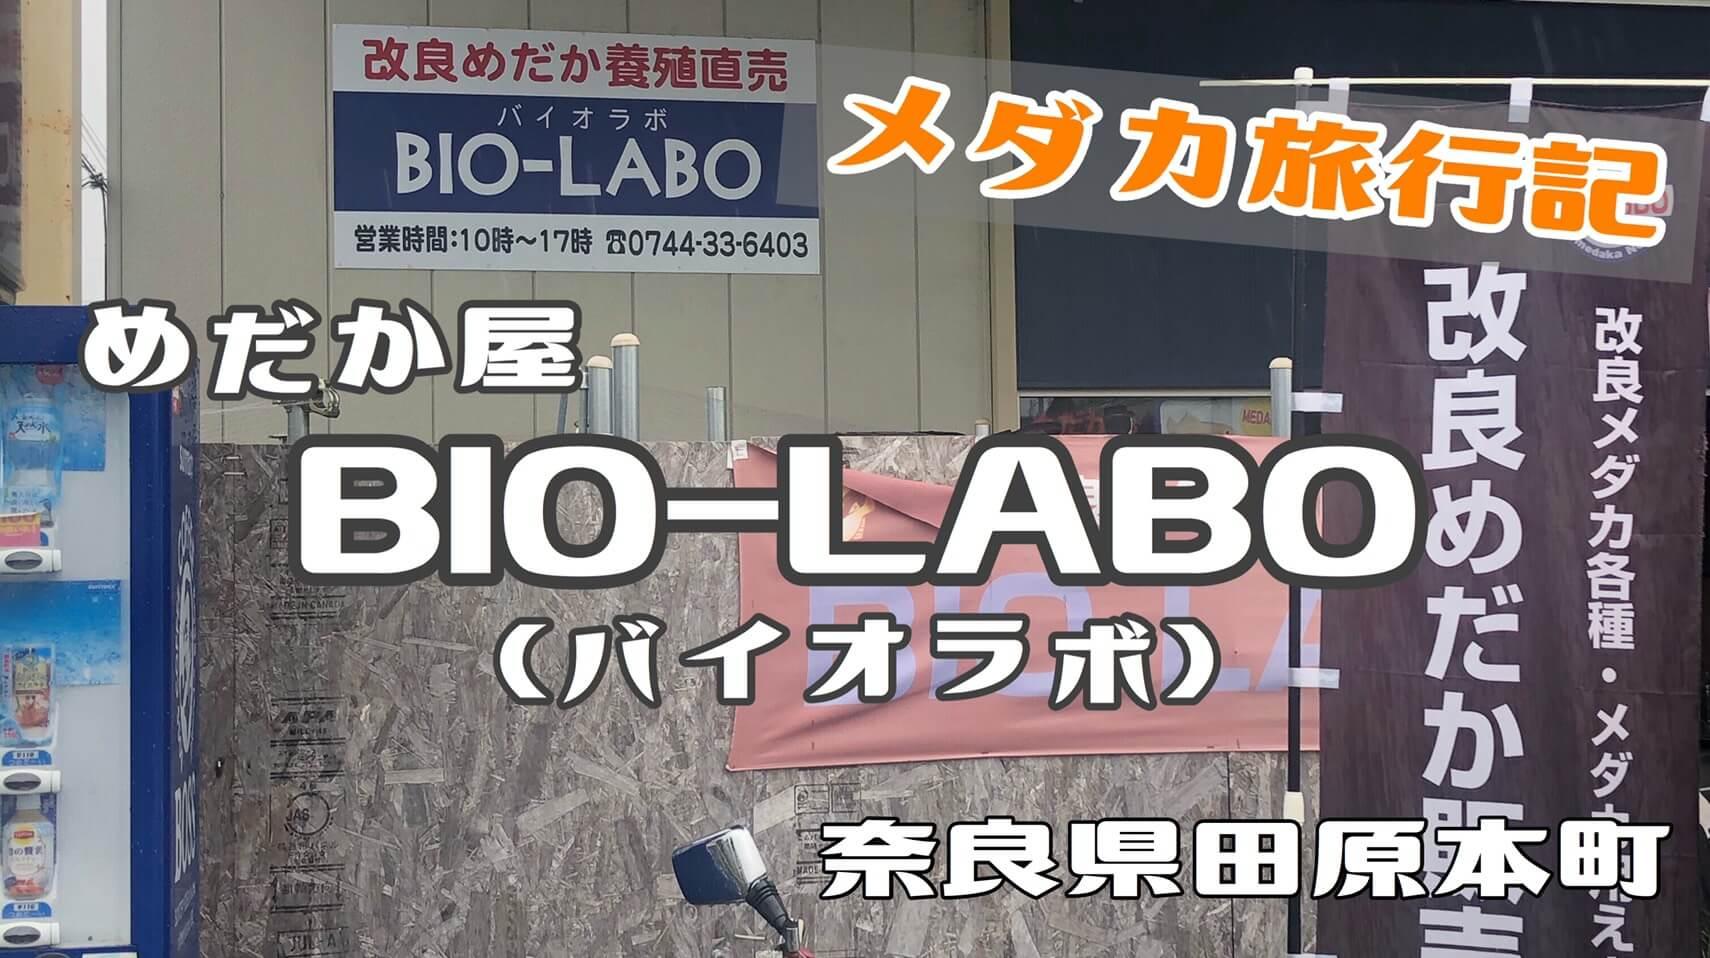 奈良県のめだか屋BIO-LABO(バイオラボ)さんに行ってきました。